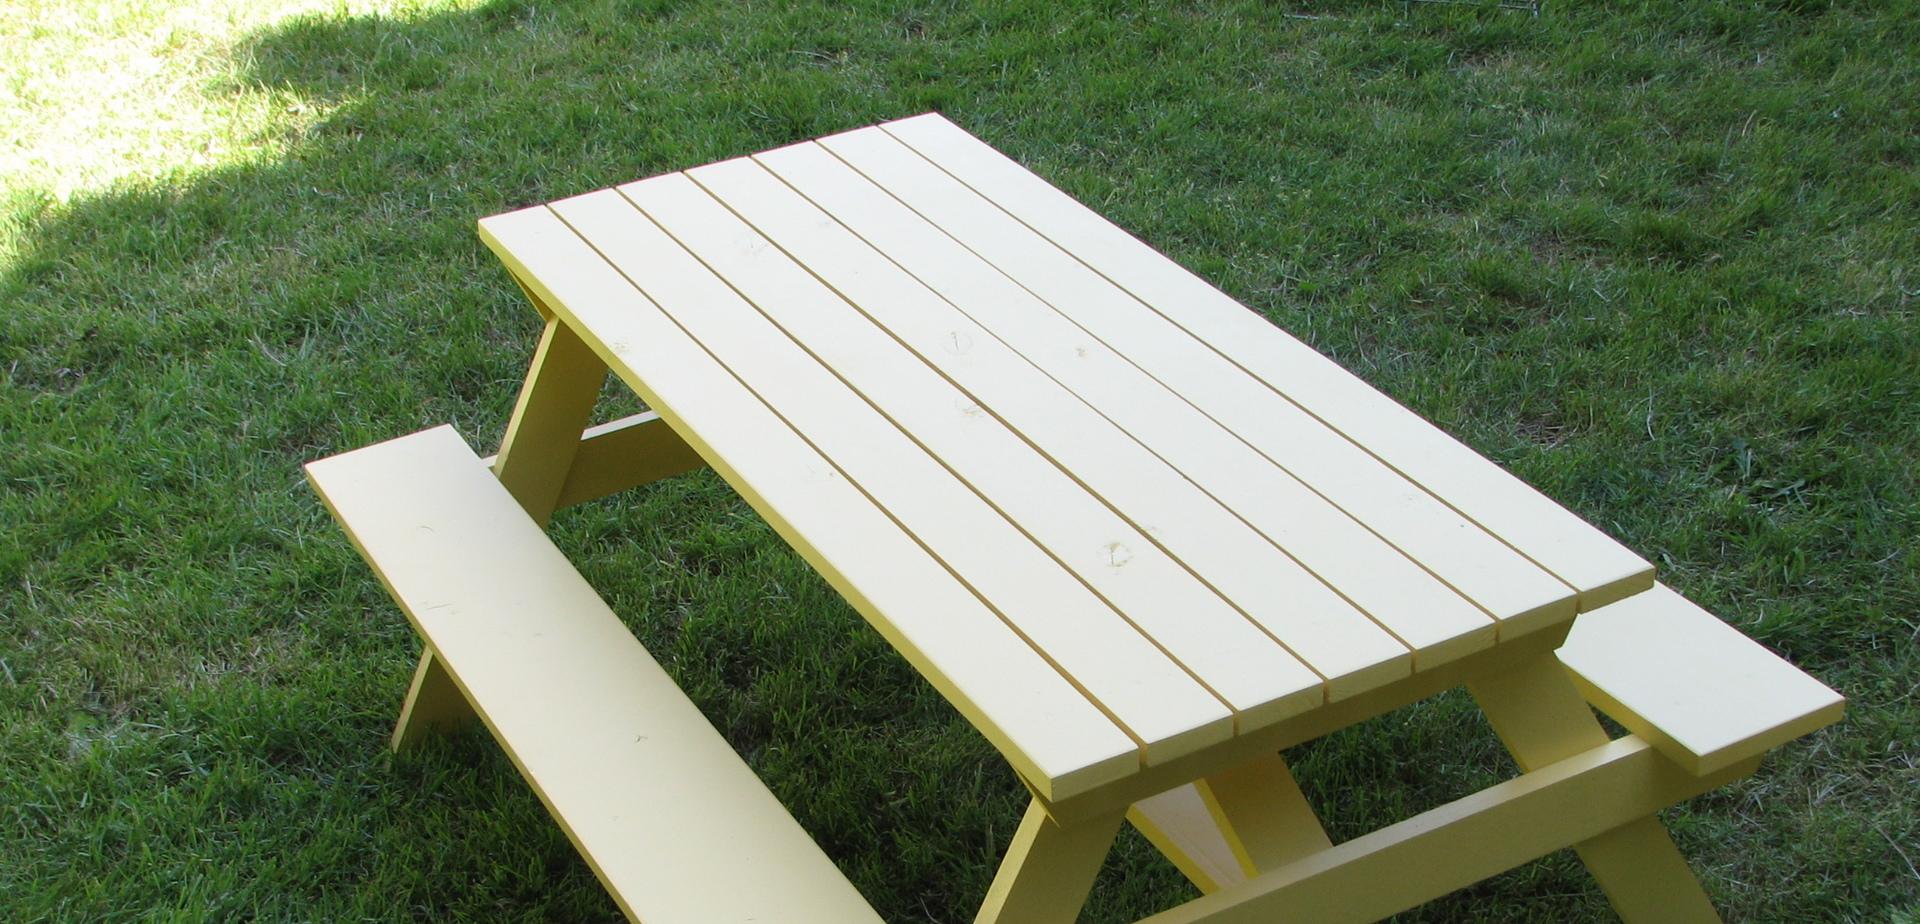 Fabriquer sa propre table de pique nique pour les makers - Fabriquer table picnic ...